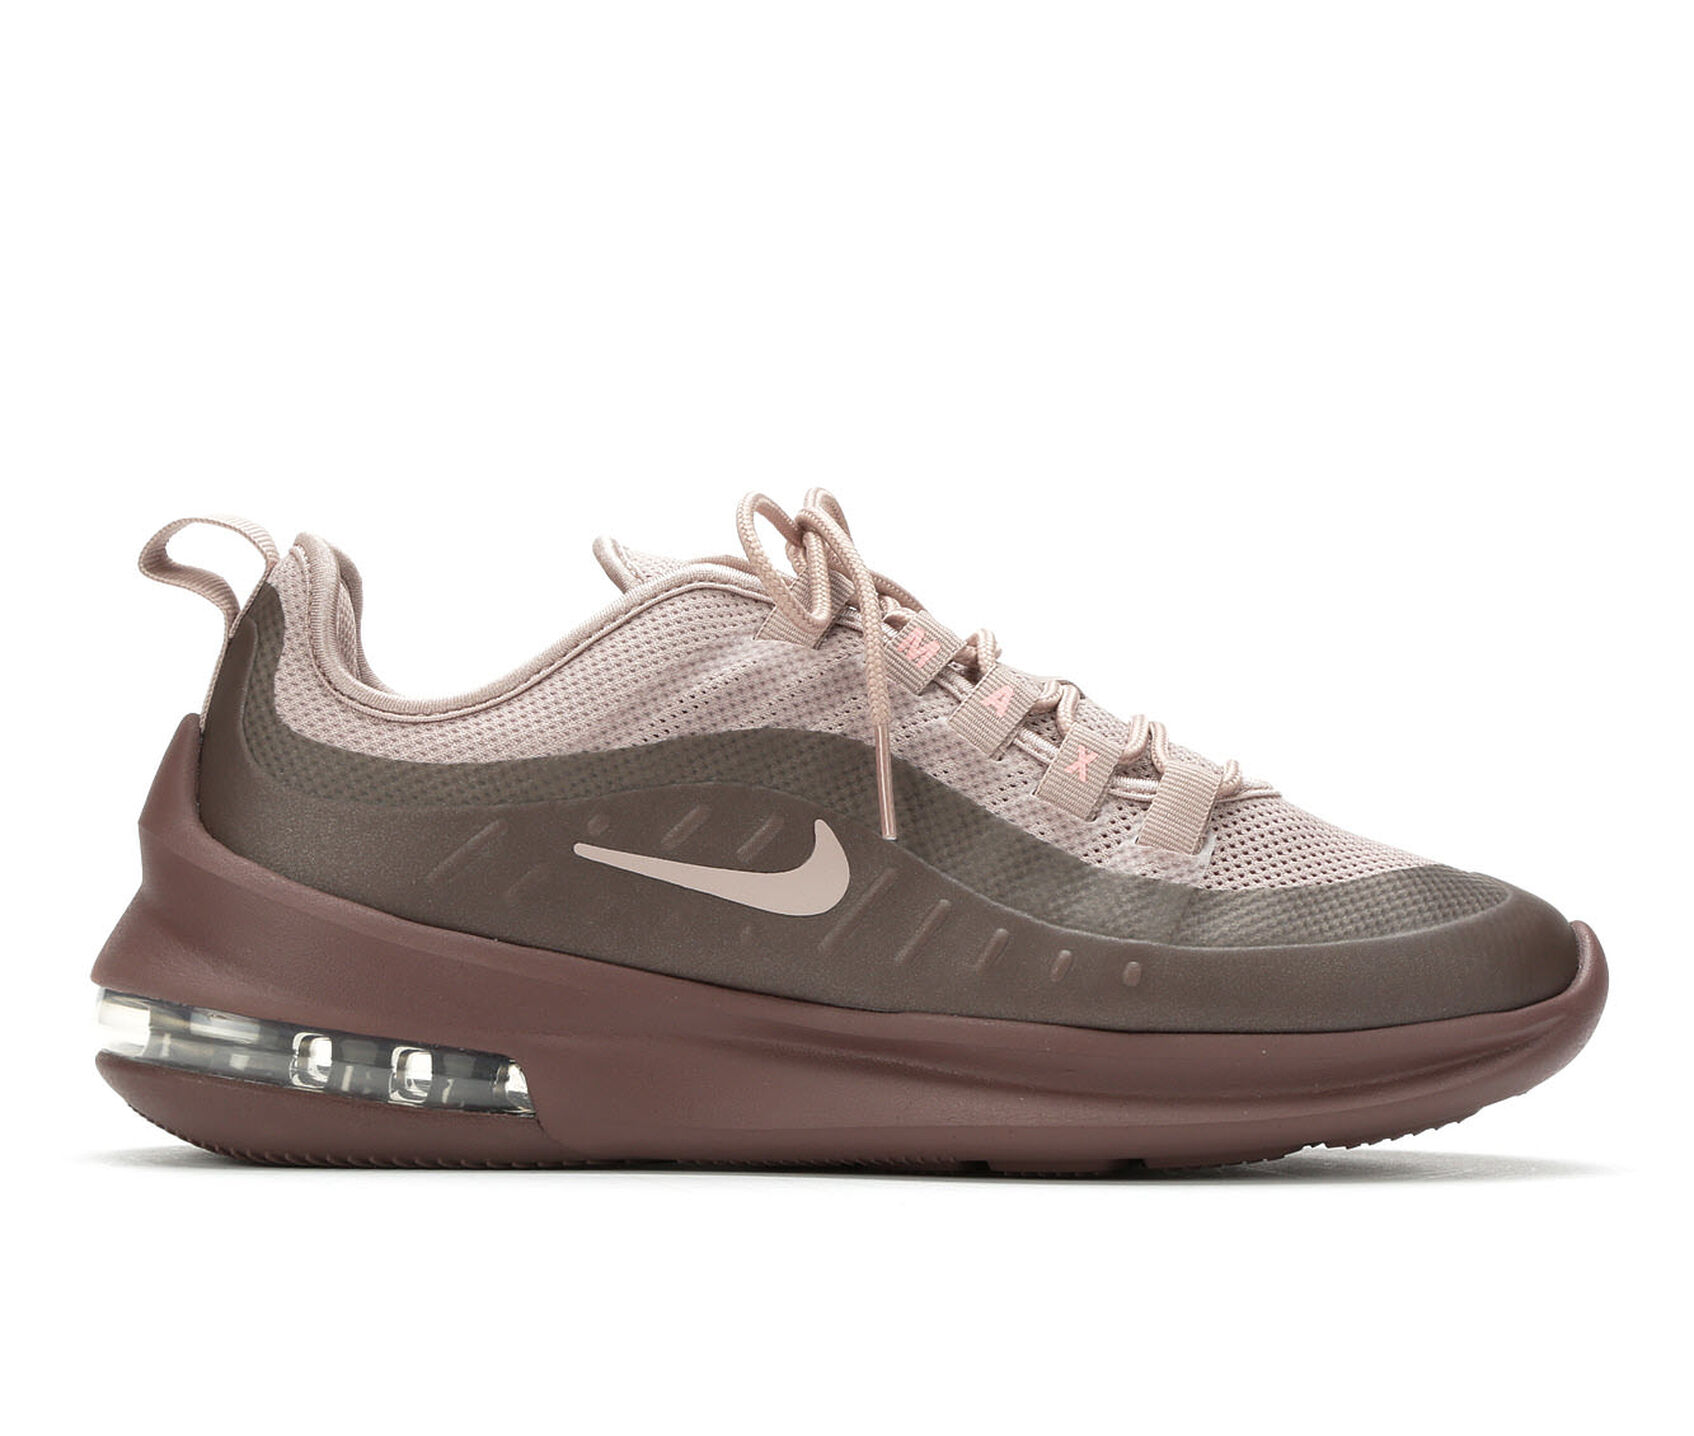 6f5cf8e4541faa ... Nike Air Max Axis Running Shoes. Previous